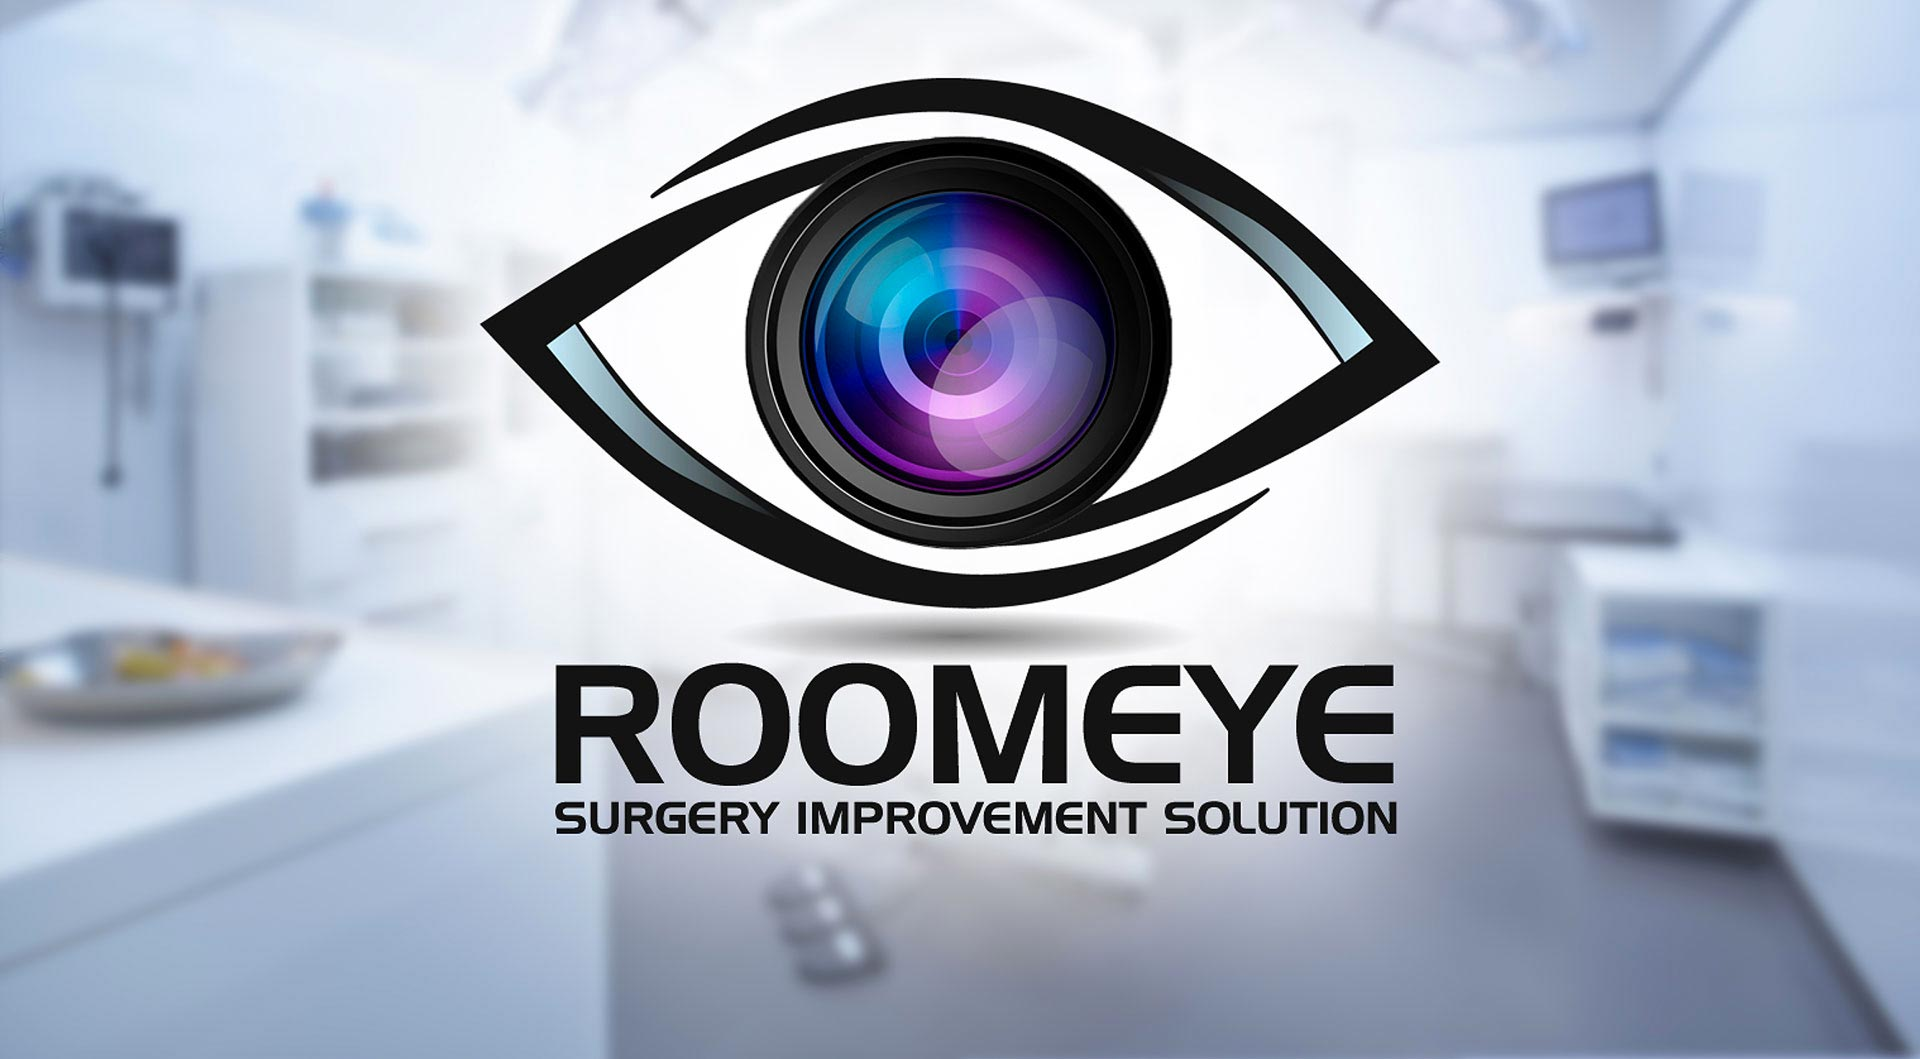 Roomeye